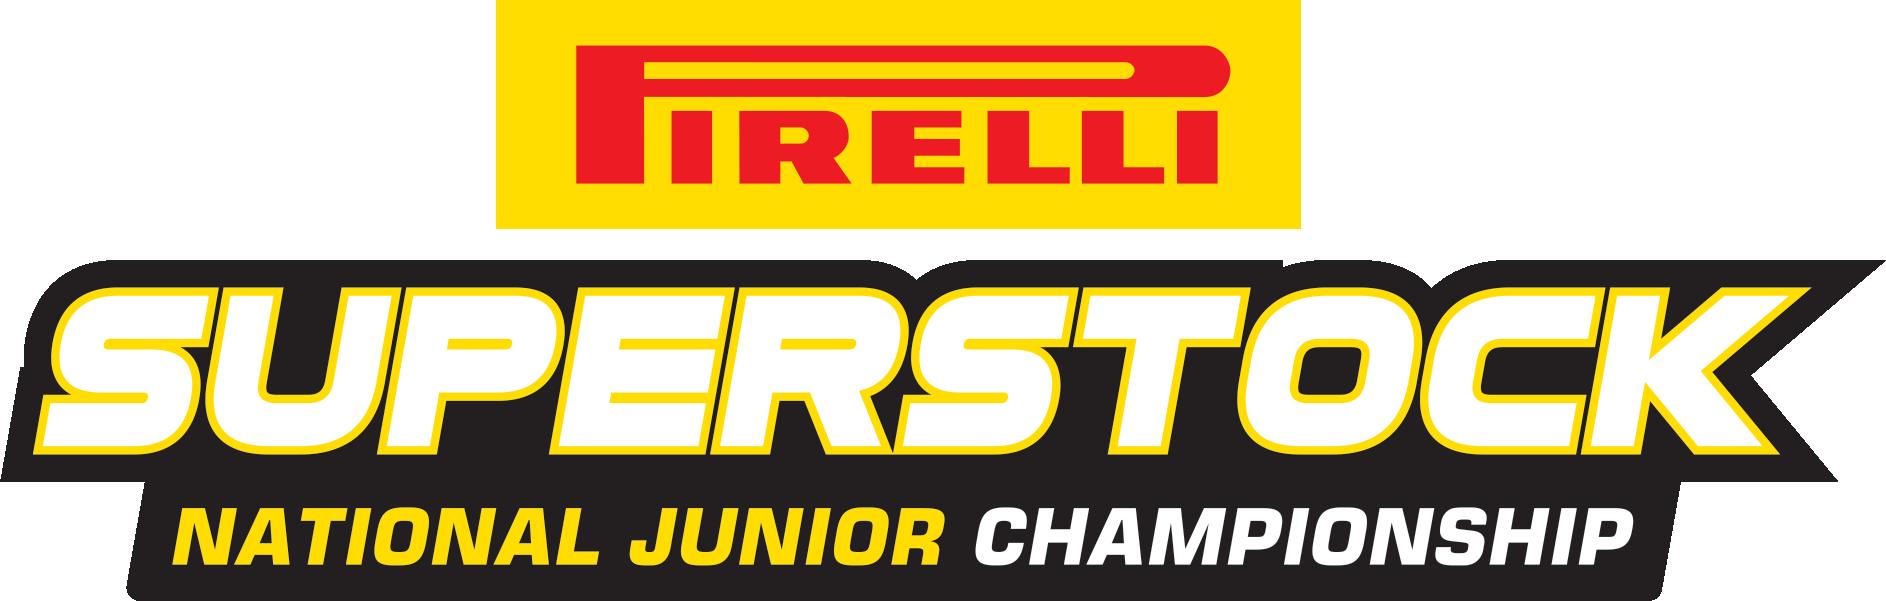 Pirelli National Junior Superstock